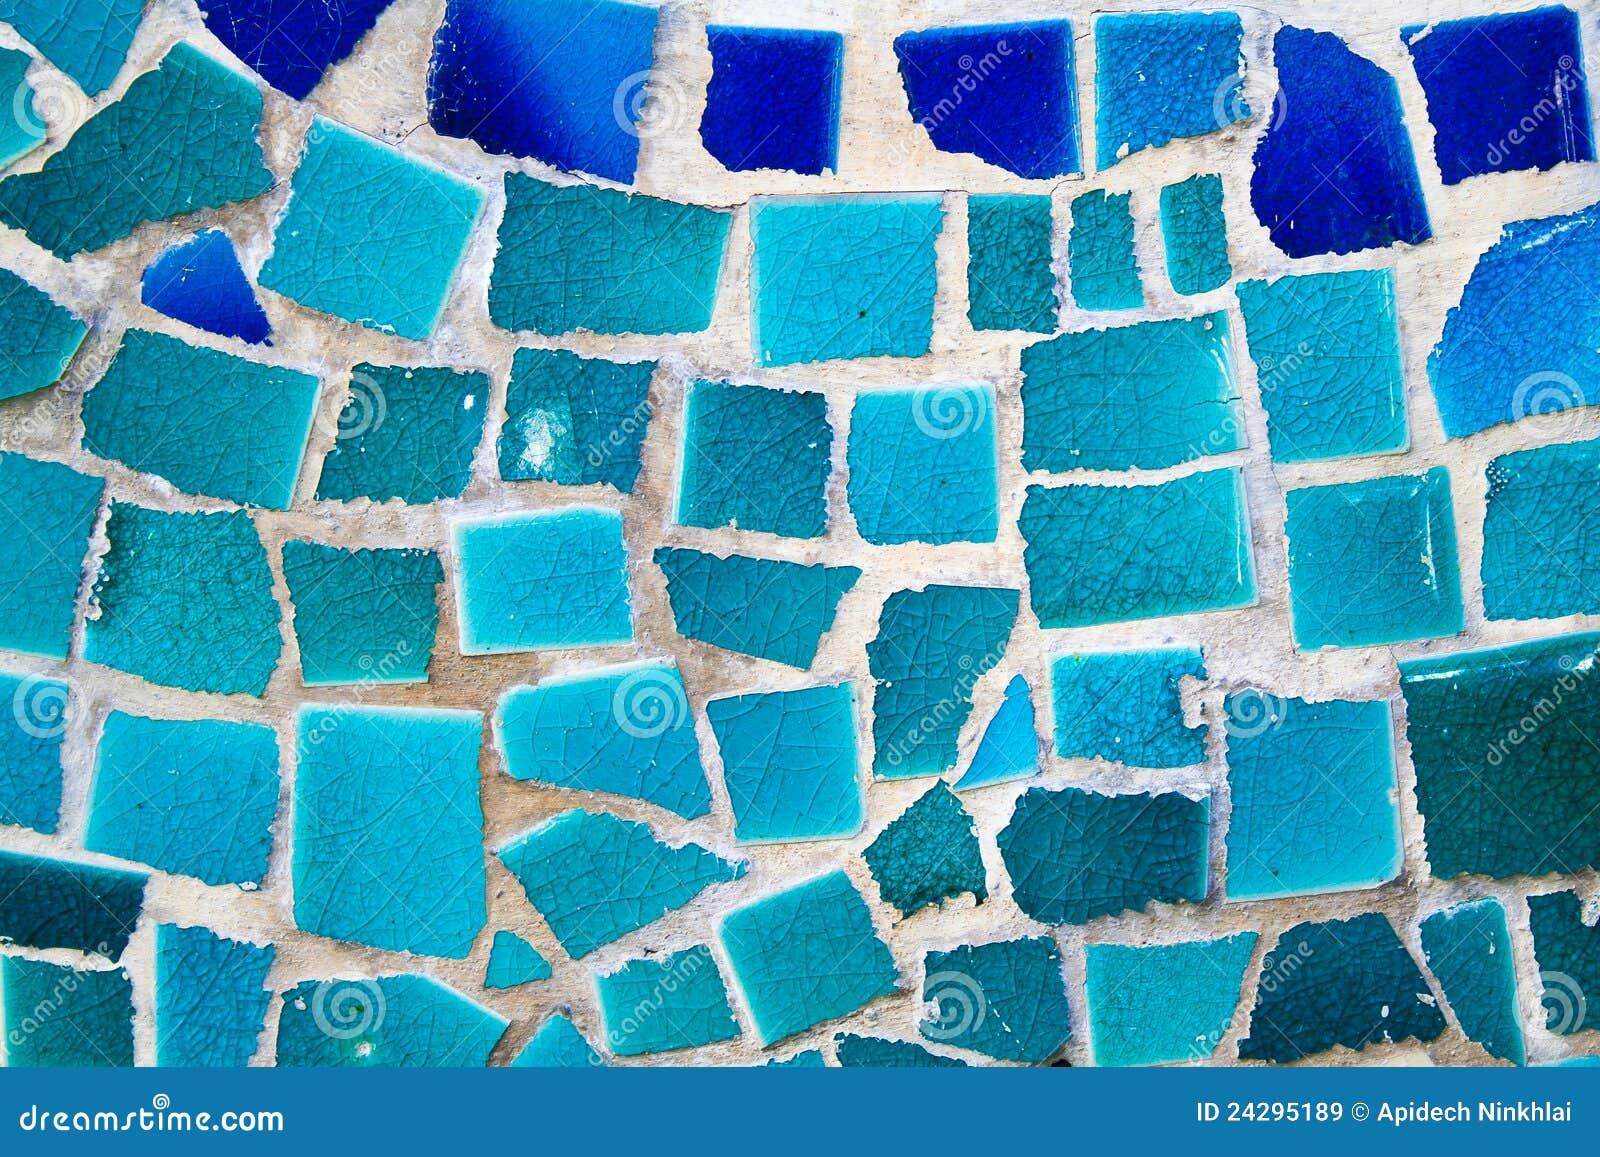 Decorative Mosaic Wall Tiles Mosaic Wall From Broken